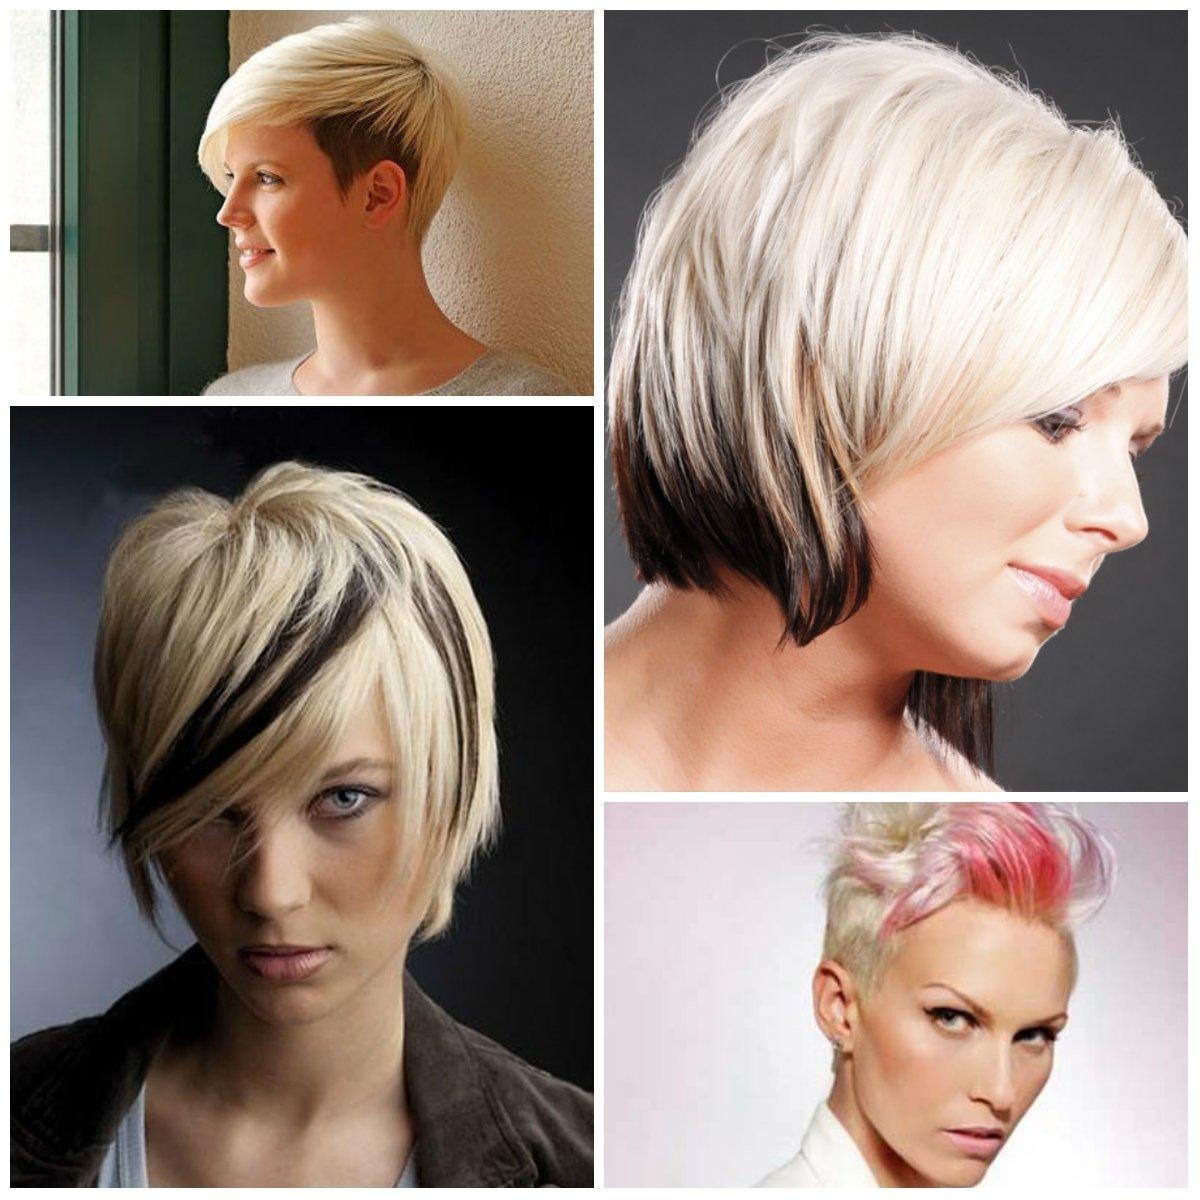 10 Pretty Cute Short Hair Color Ideas